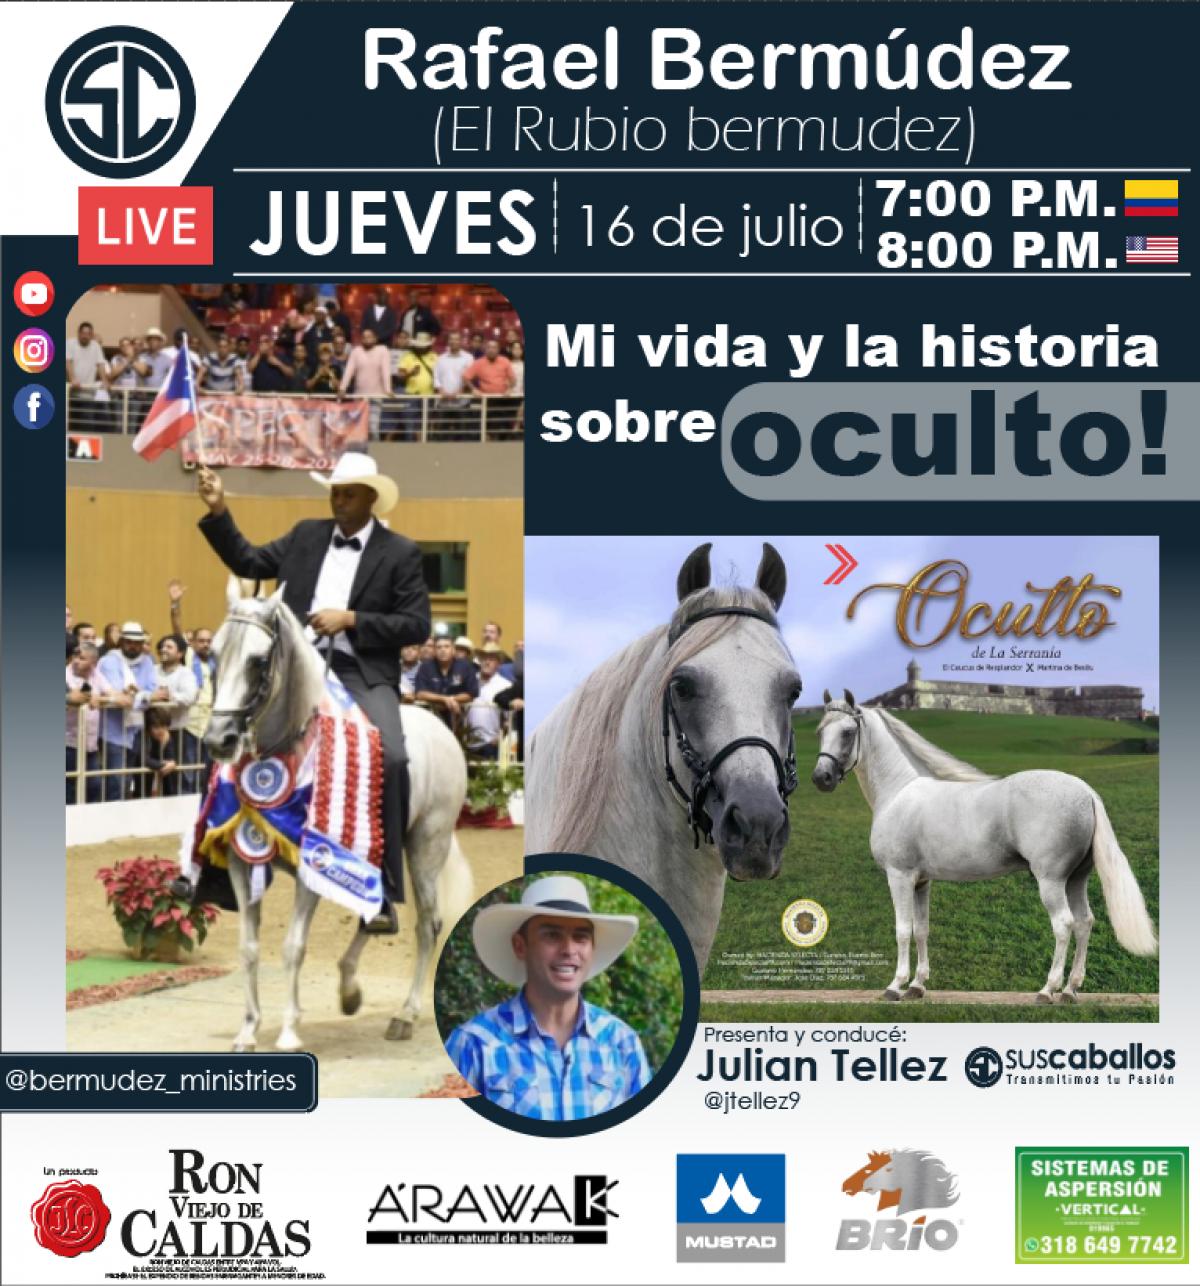 Entrevista a Rafael Bermudez ( El Rubio Bermúdez) - JUEVES 16 DE JULIO - Los esperamos!